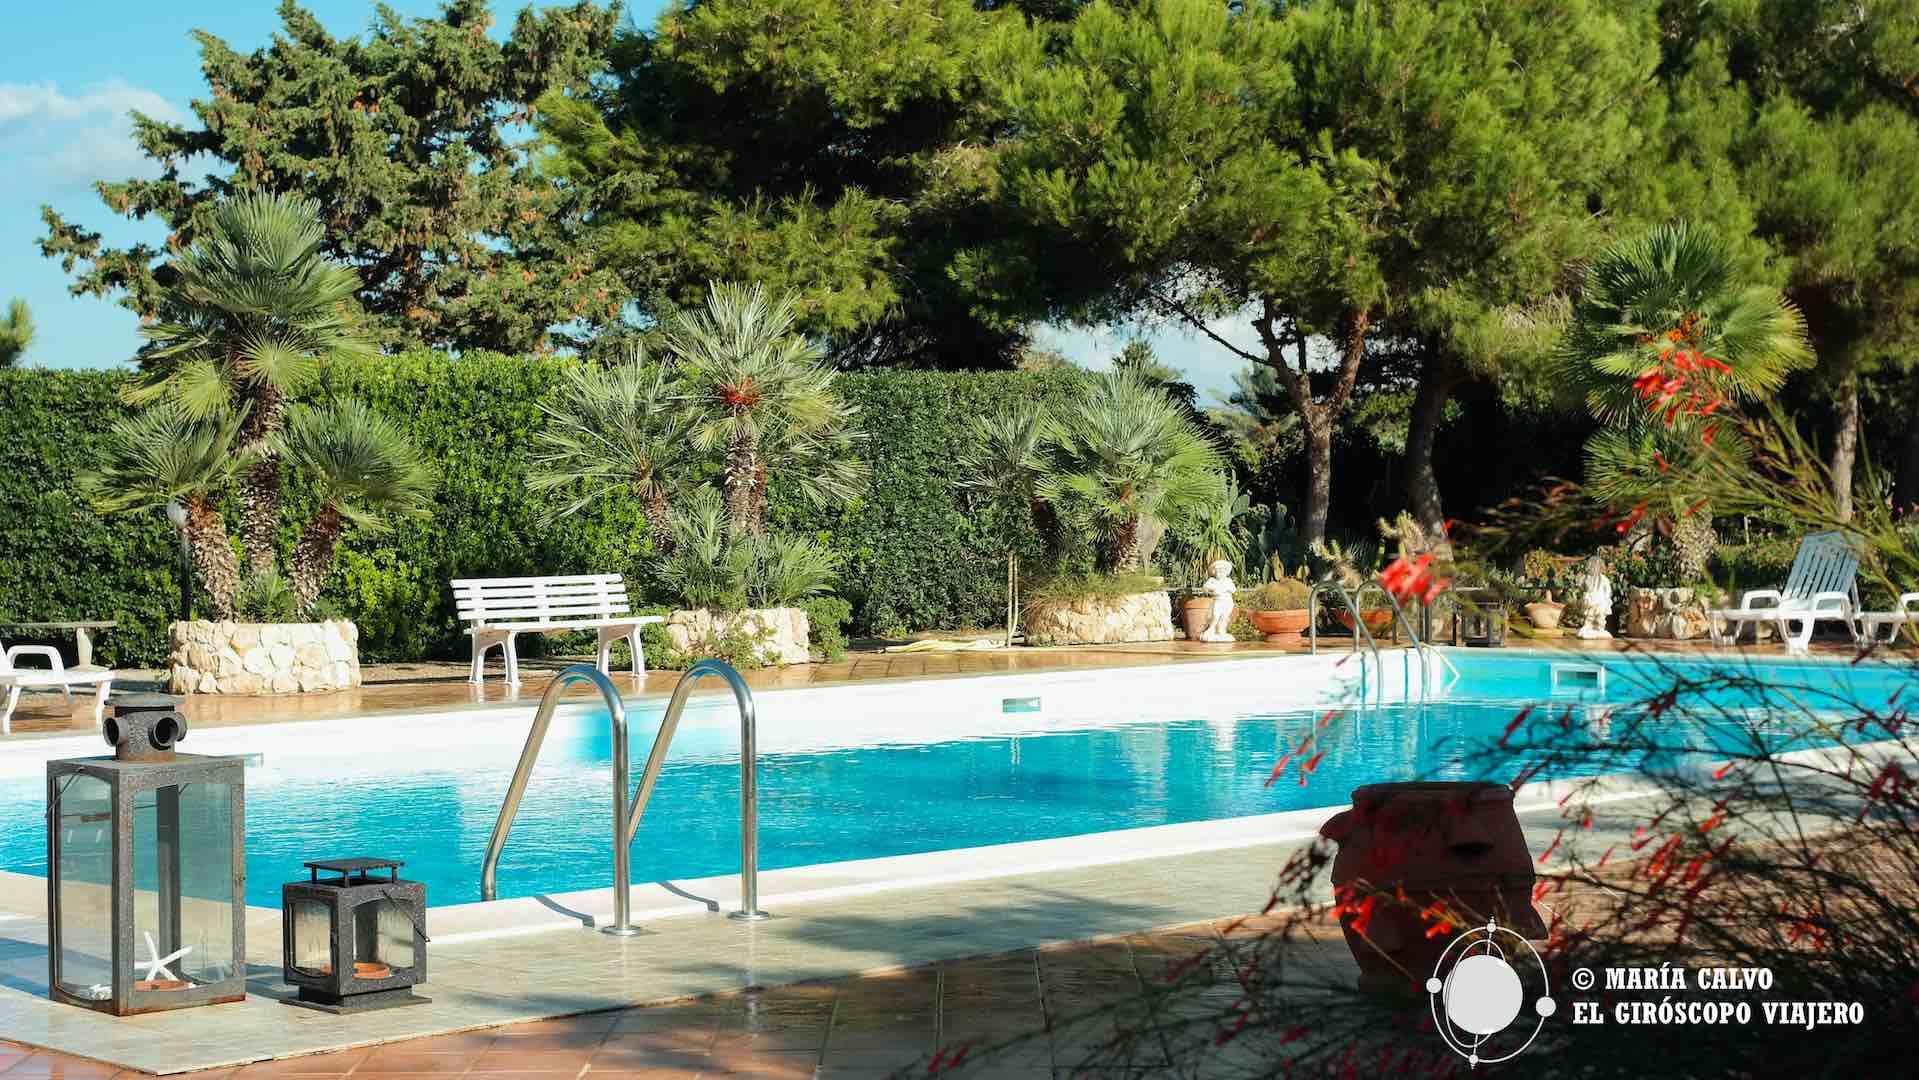 La piscina del alojamiento, al lado de donde empieza el Jardín de lo Imposible